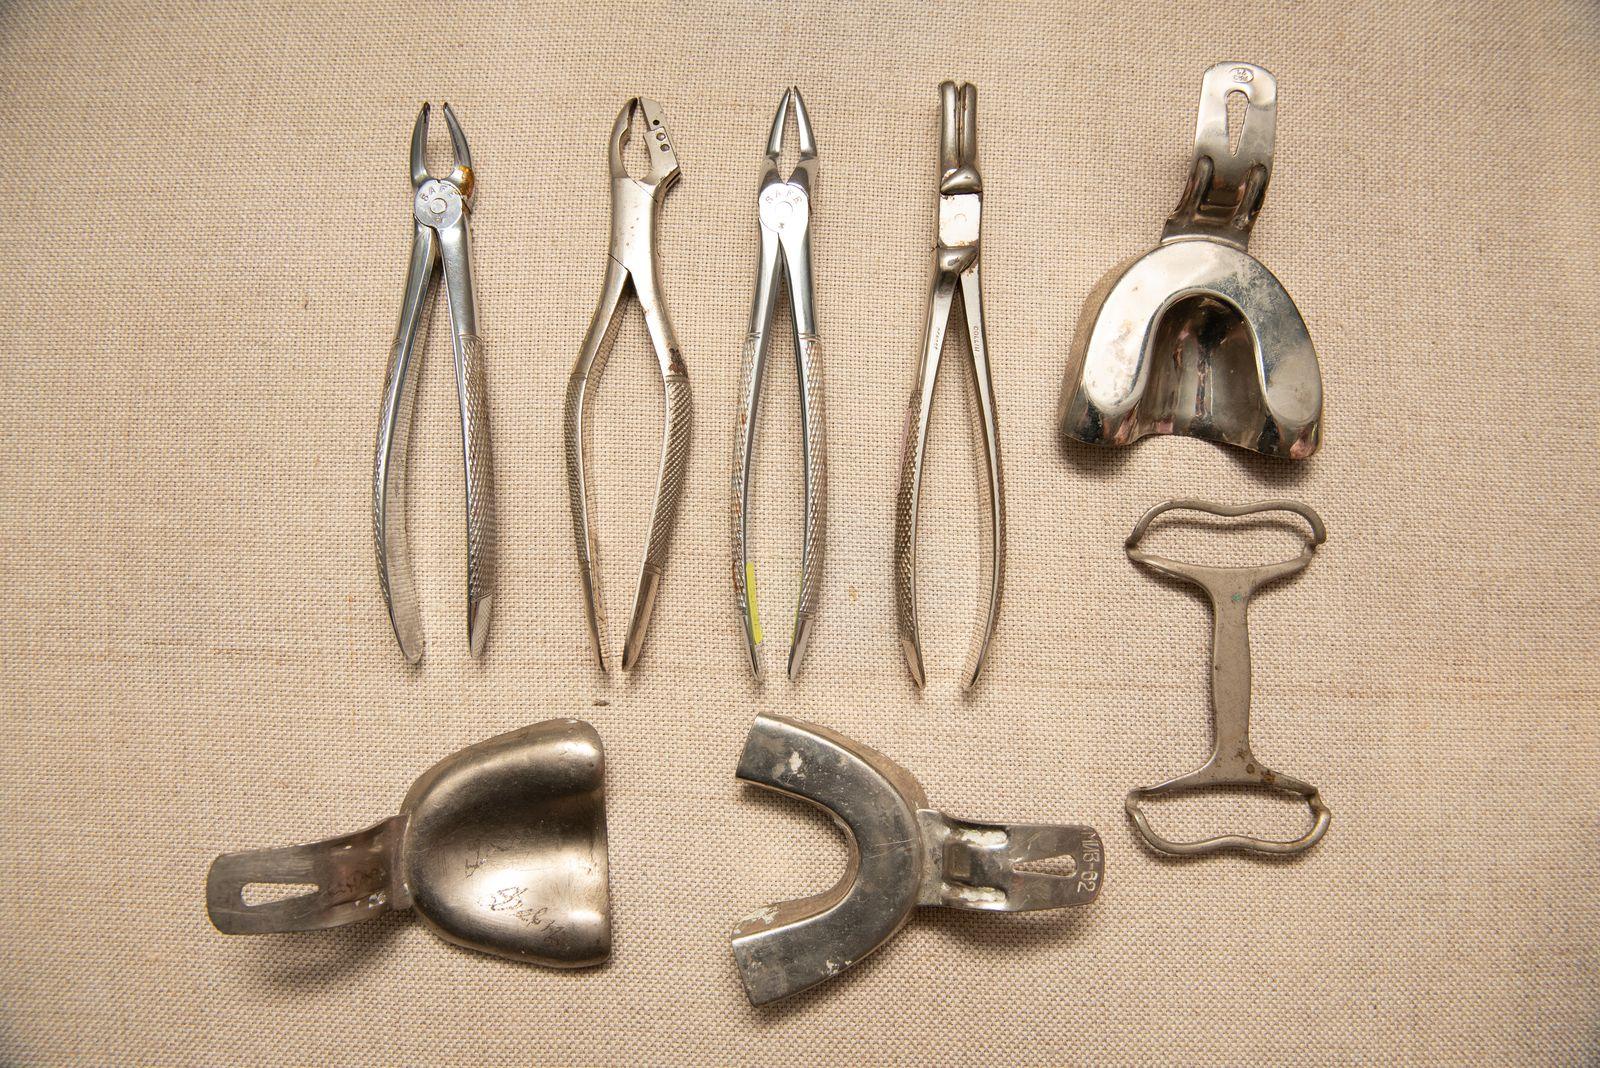 Muzei232_Зъболекарски клещи и метални лъжици за вземане на отпечатък - средата на ХХ век